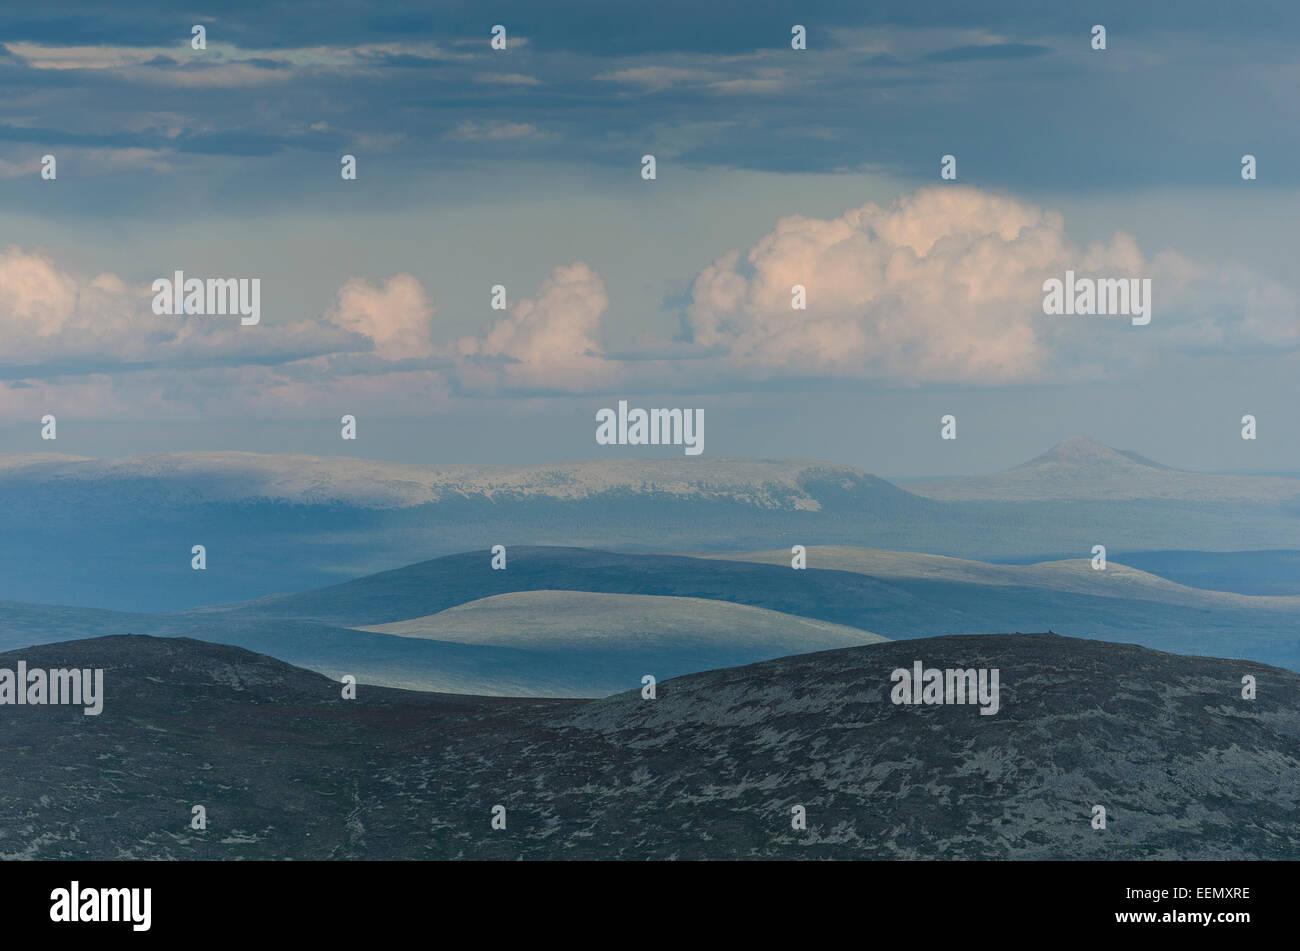 Blick vom Berg Elgahogna, Femundsmarka Nationalpark, Hedmark Fylke, Norwegen, zum Fjaell in Dalarna, Schweden, Juli - Stock Image